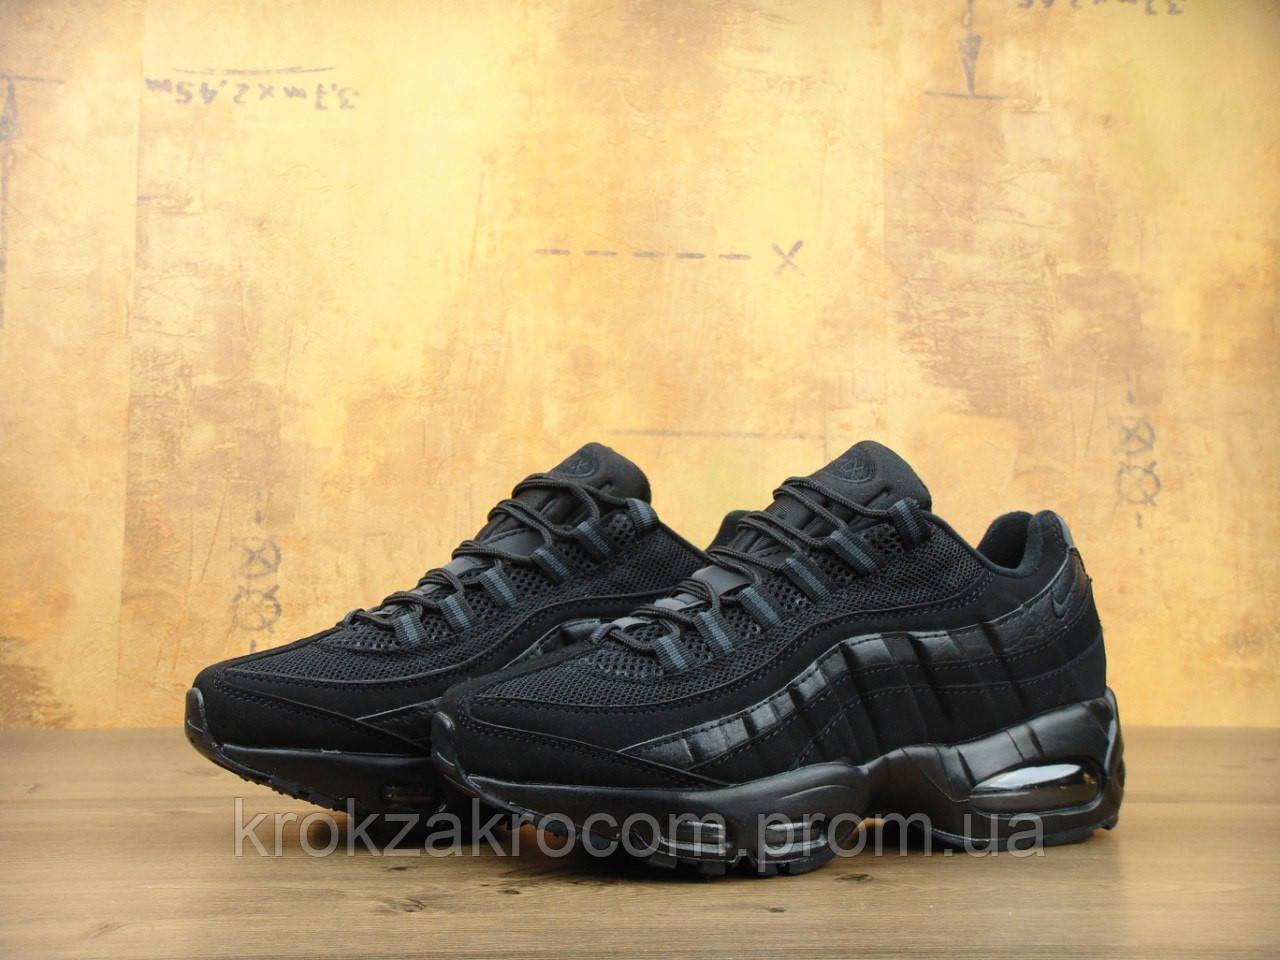 67aa55e85881 Кроссовки Nike Air Max 95 Replica AAA — в Категории